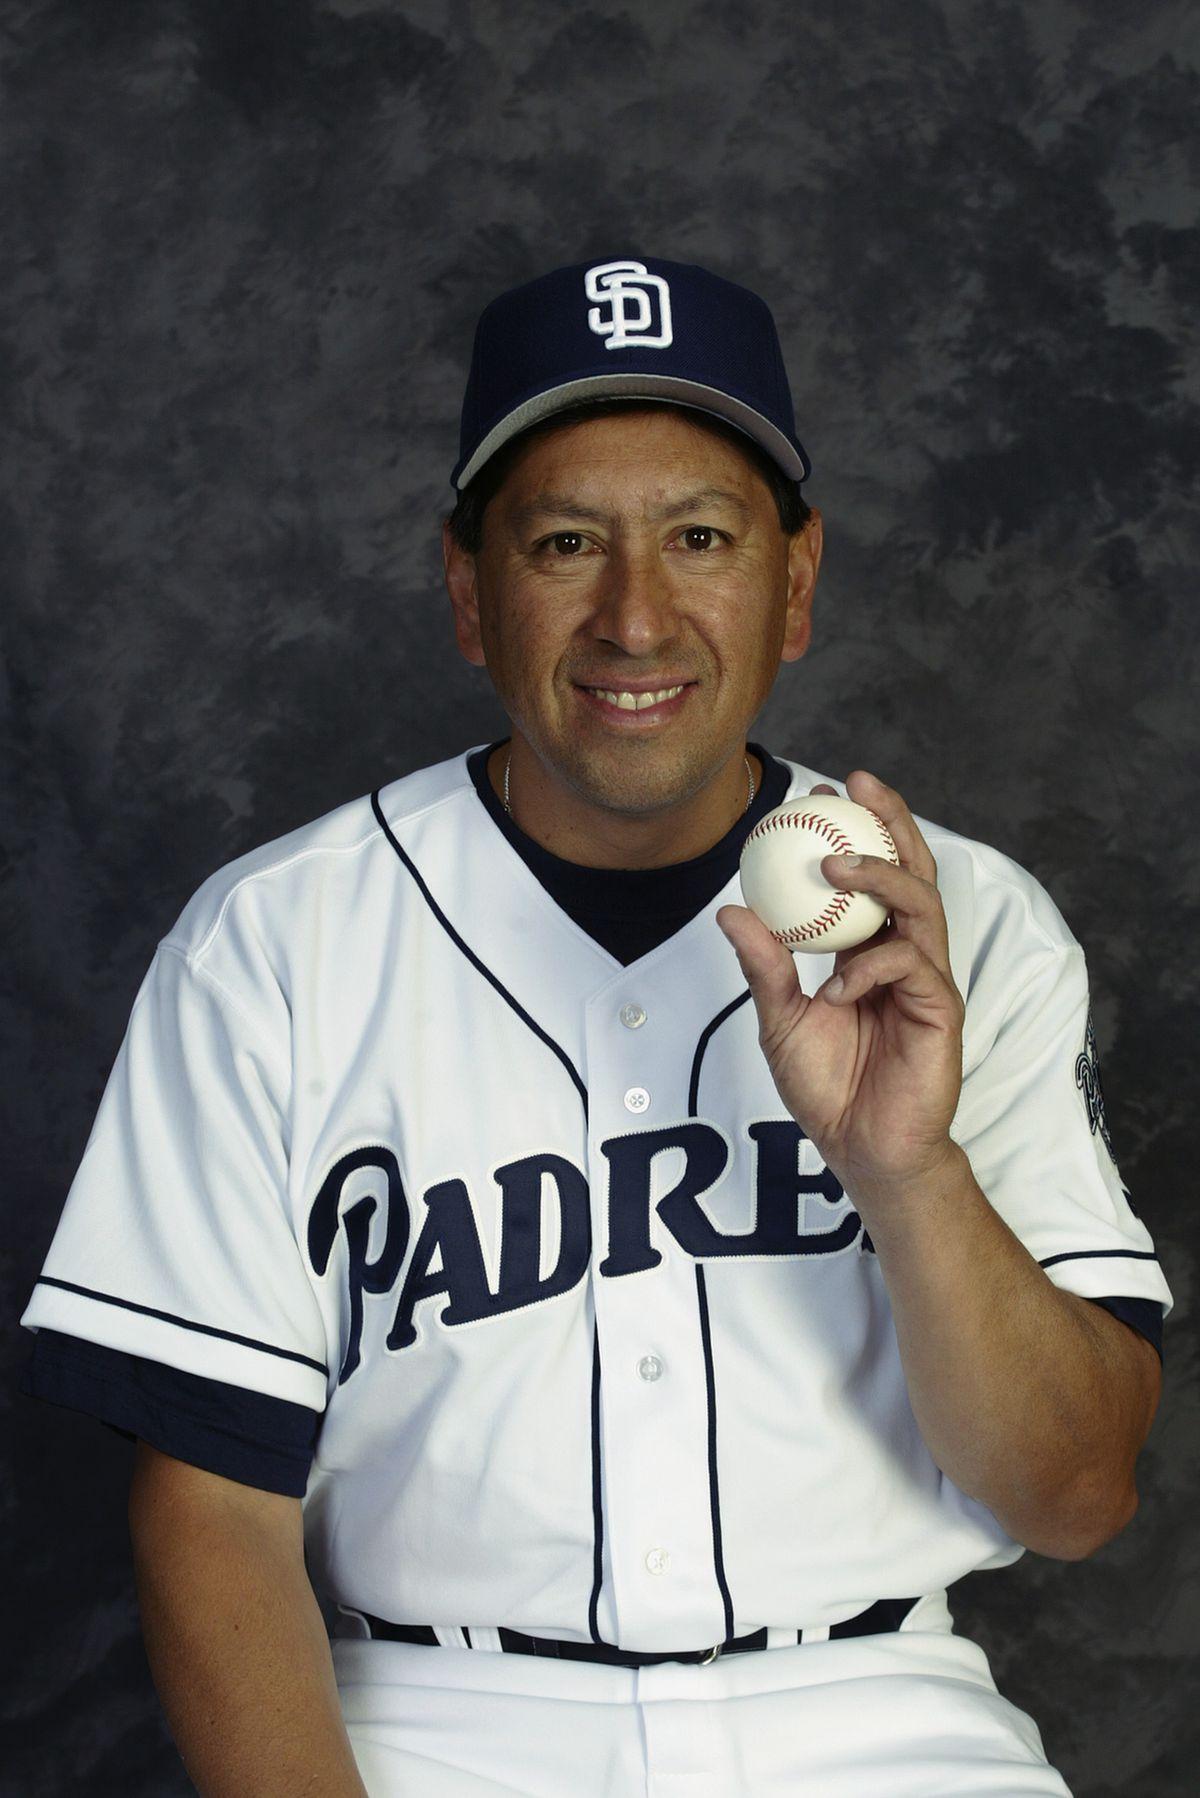 Pitcher Jesse Orosco portrait